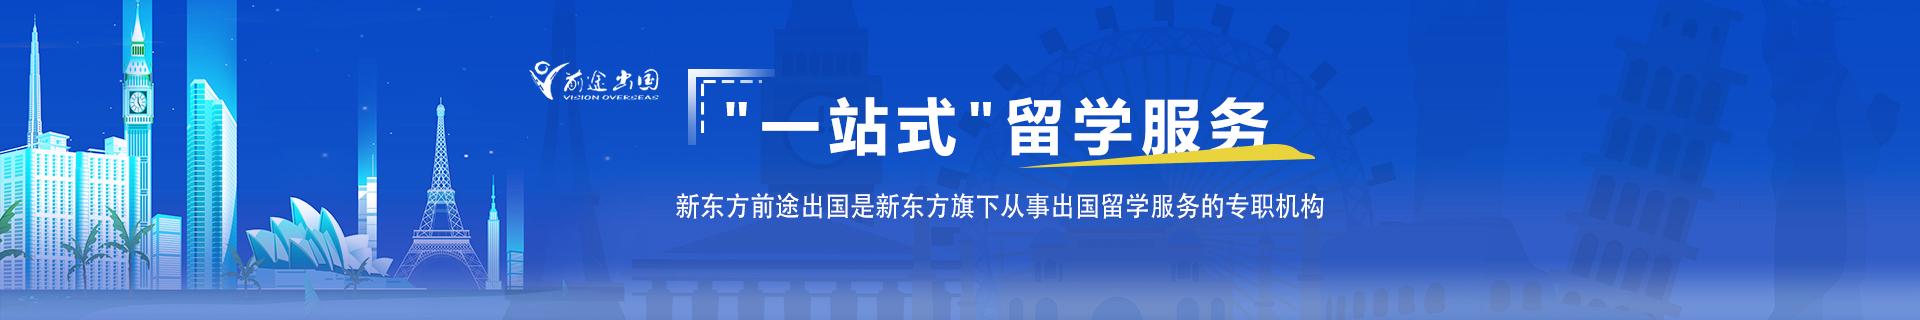 广州番禺新东方前途出国